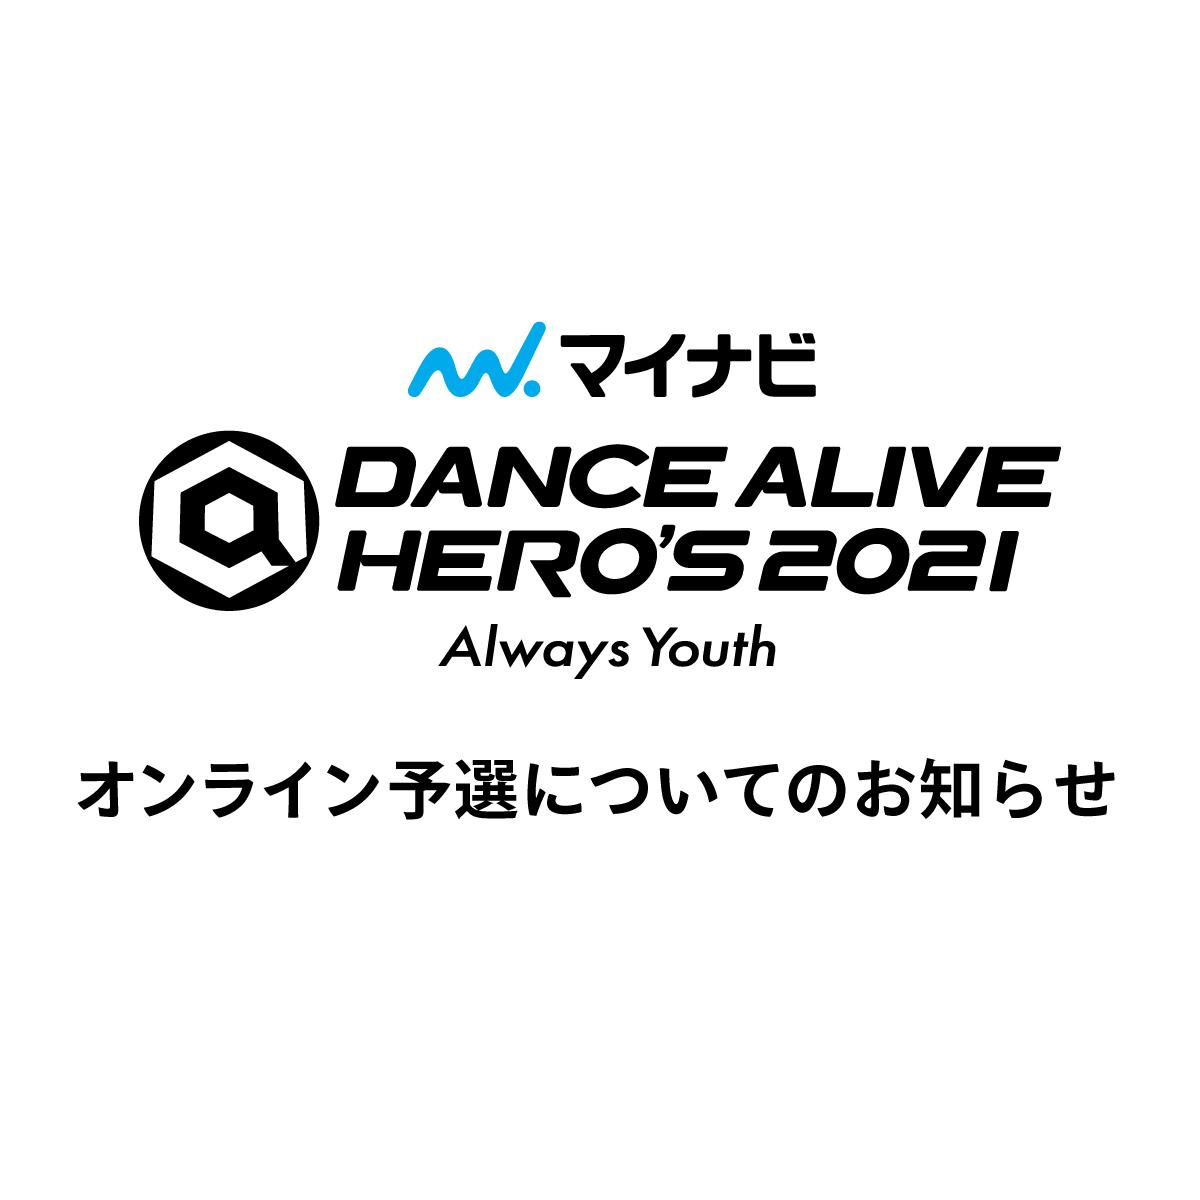 「マイナビDANCE ALIVE HERO'S 2021」オンライン予選についてのお知らせ